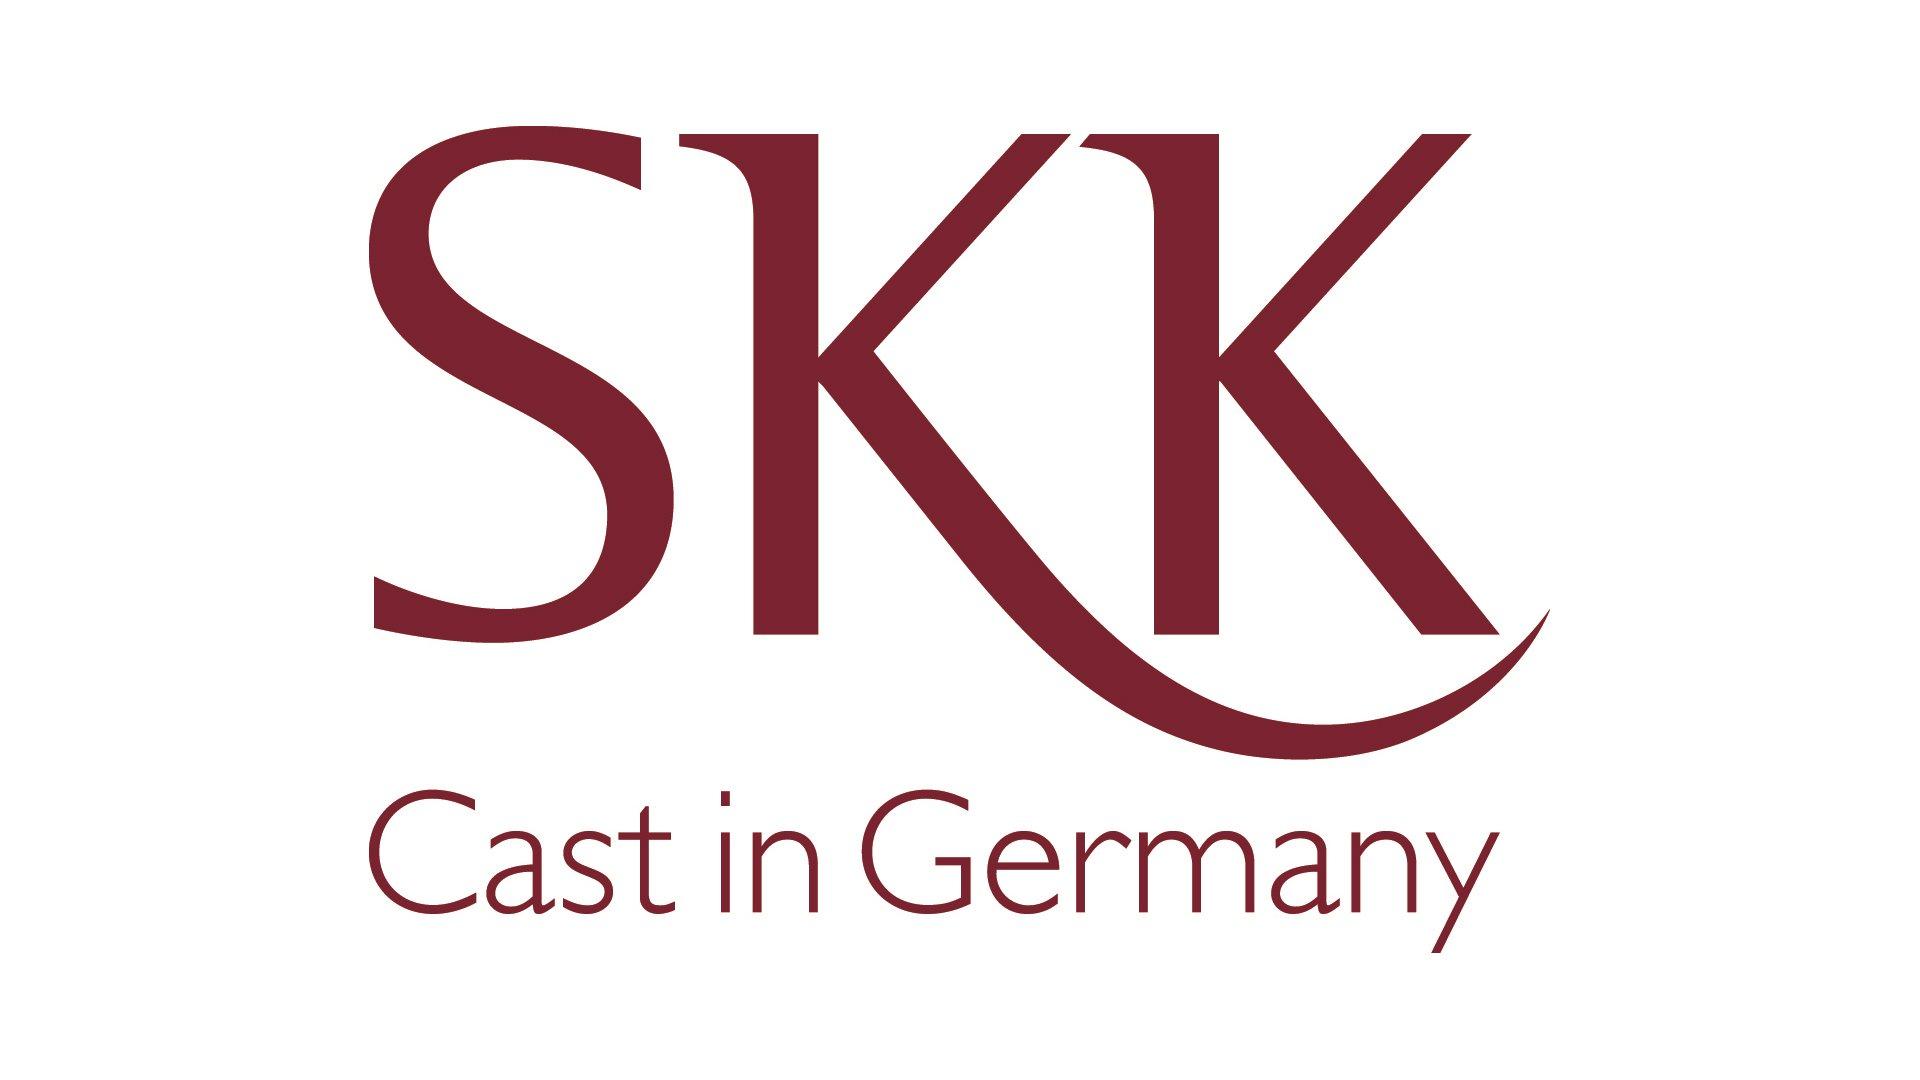 SKK 23614 Titanium Induction, Cast-Iron sauté PaN Diameter 26 cm with Removable Handle by SKK (Image #1)